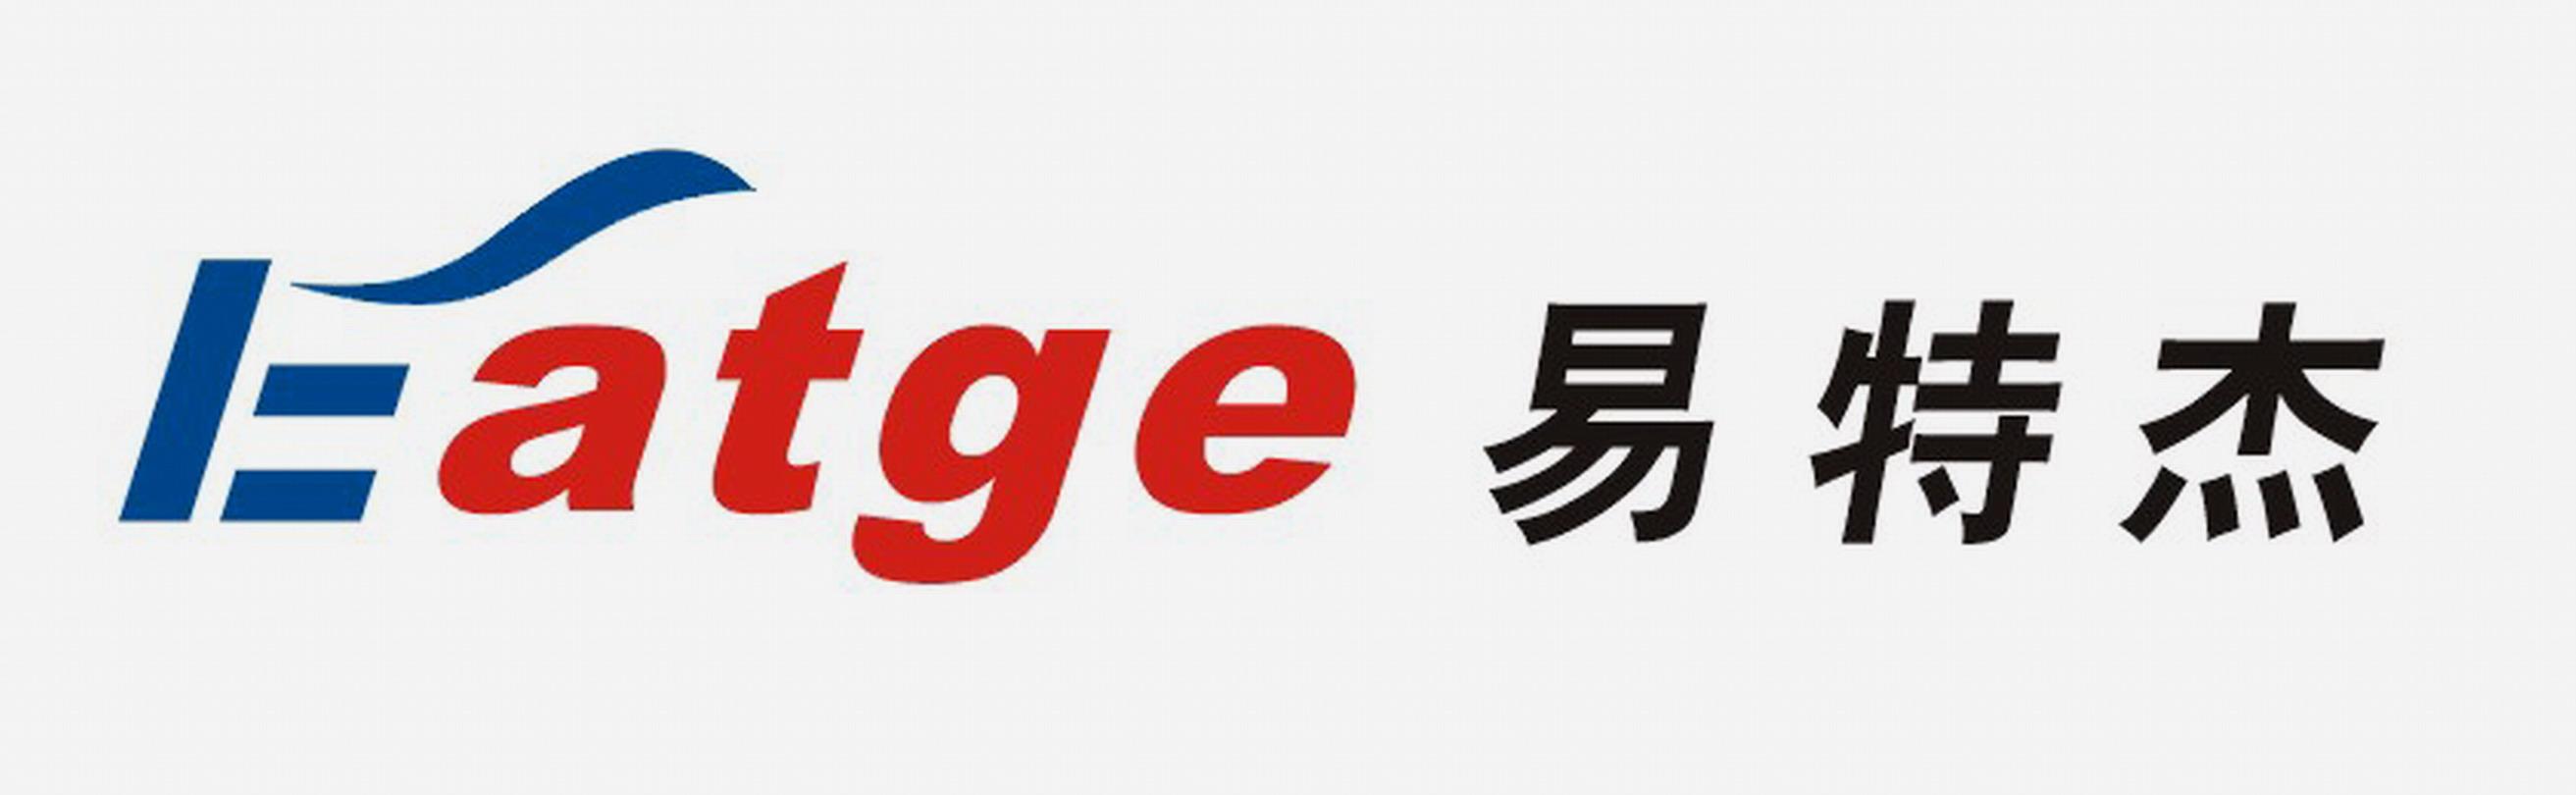 EATGE